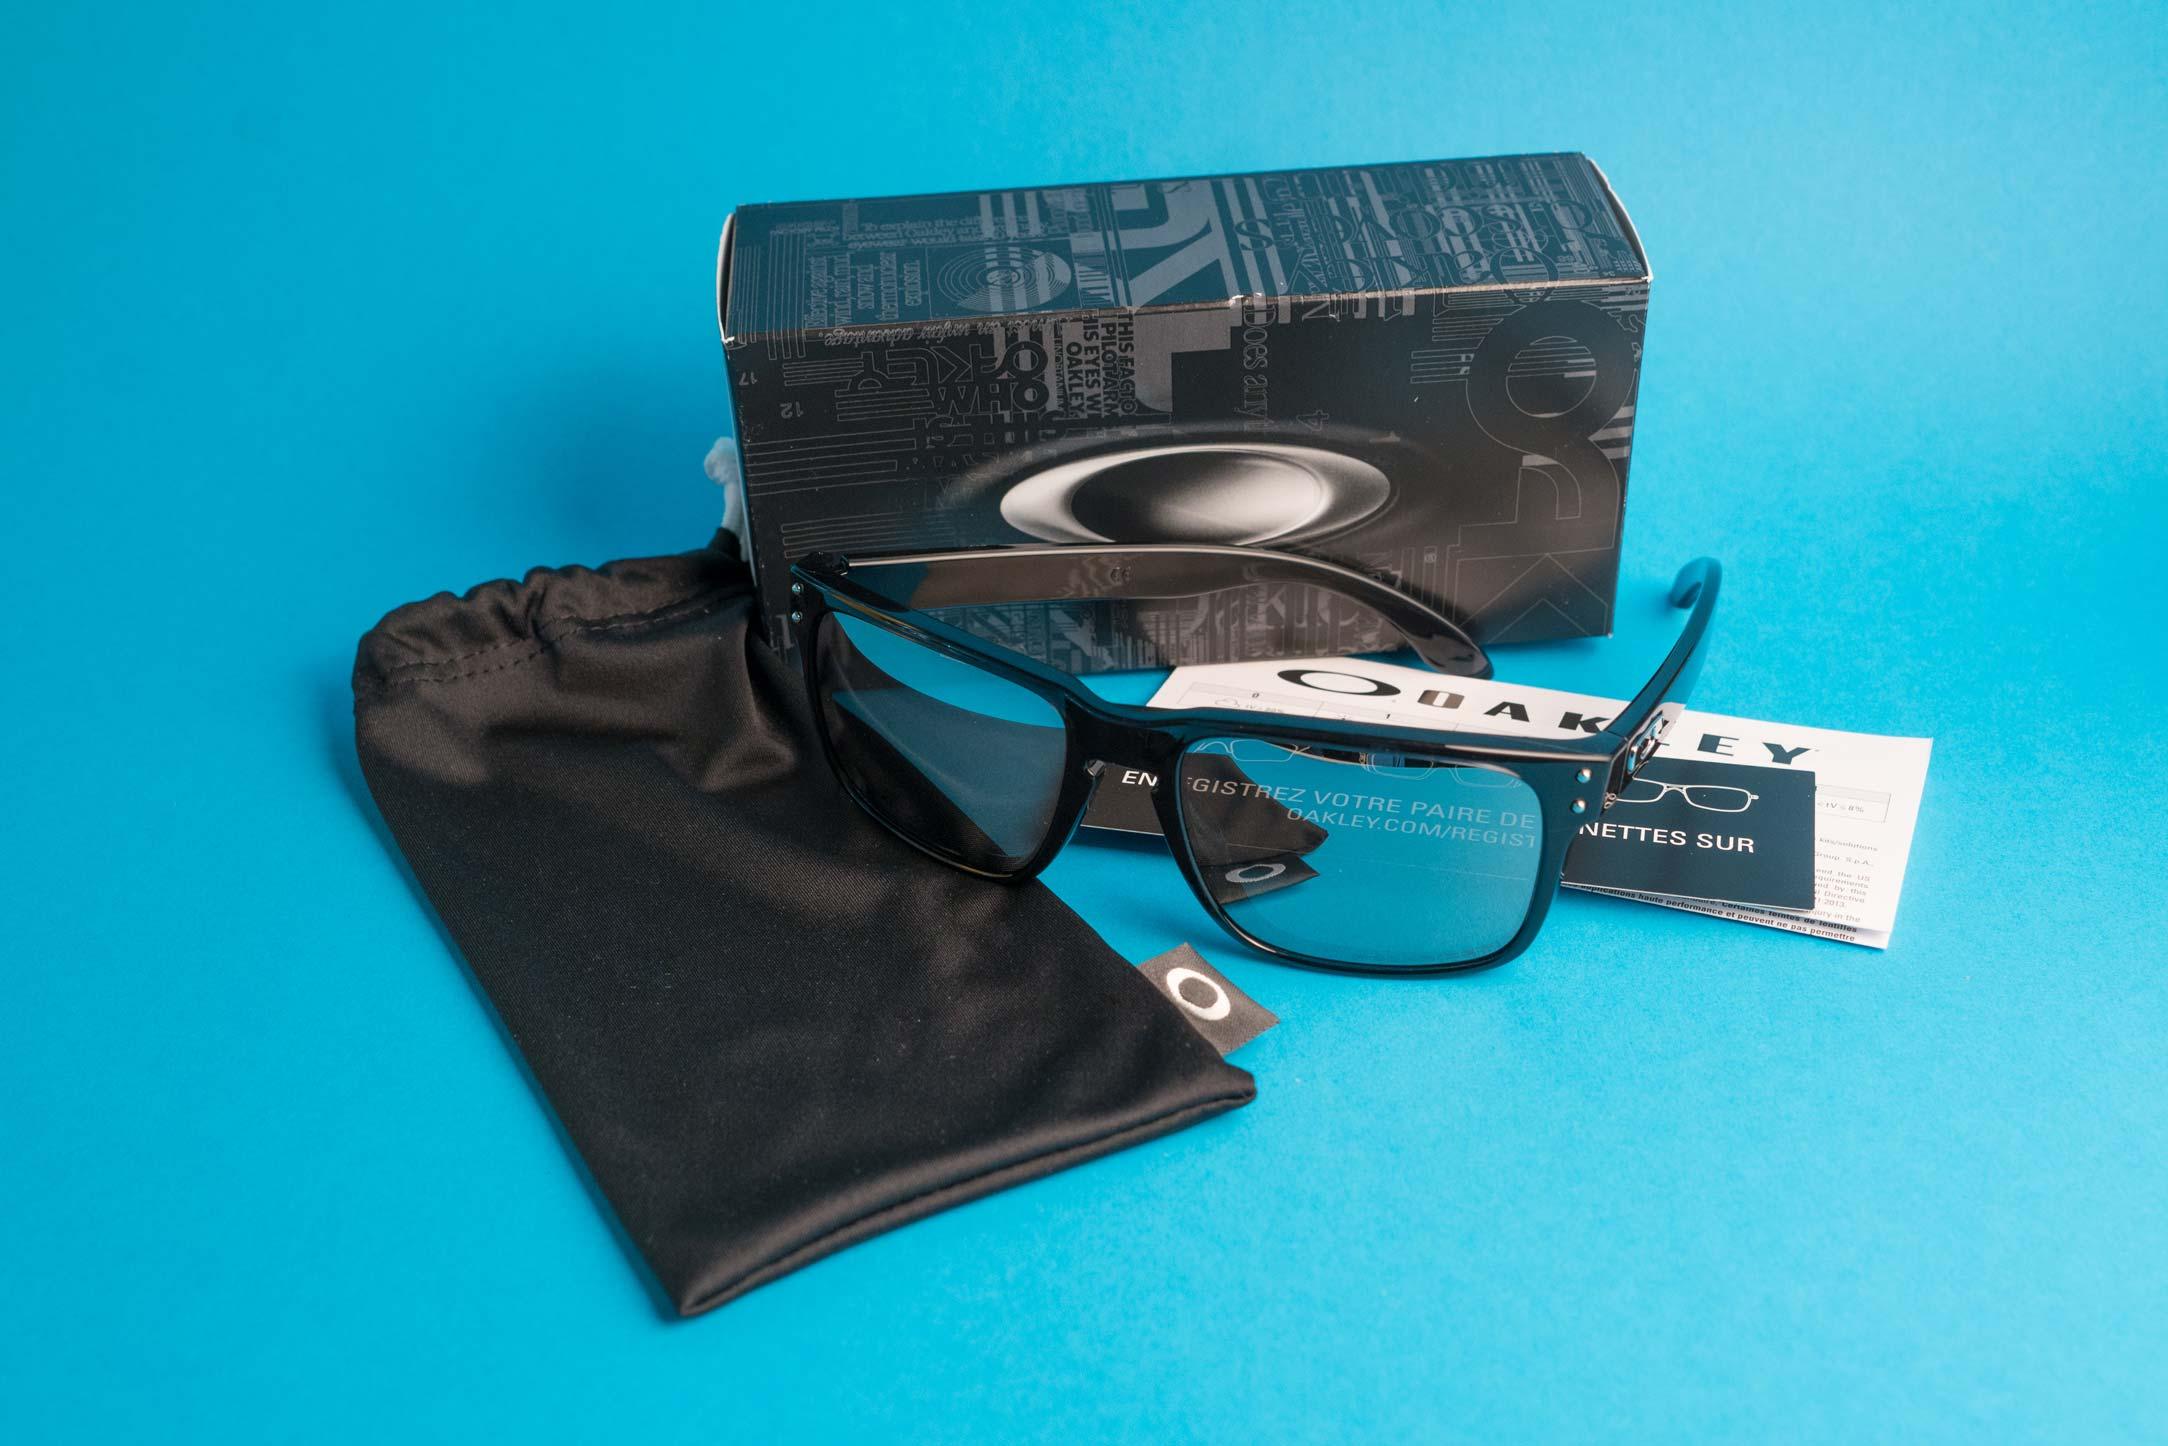 4e310db6e54 How to spot authentic Oakley sunglasses